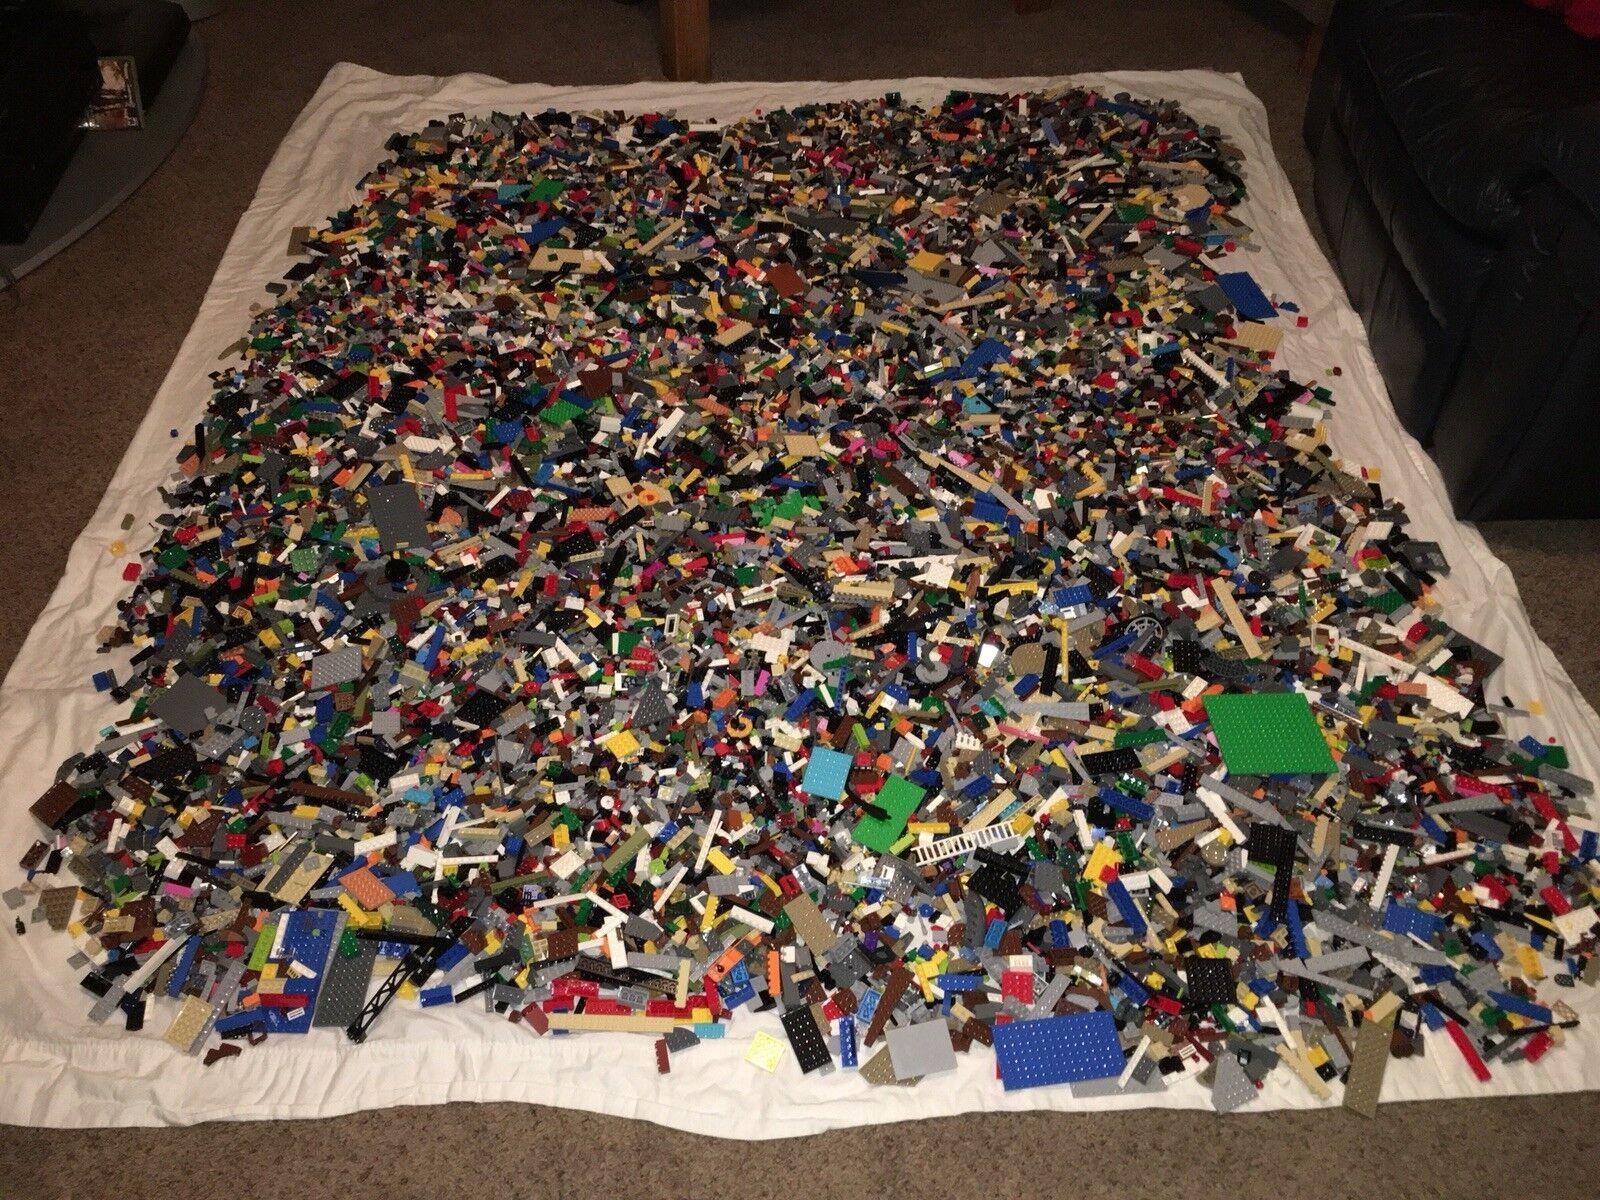 3000+ Clean aléatoire % LEGO  lot pièces mixtes vrac tige éducatif LEGO  économiser 50% -75% de réduction